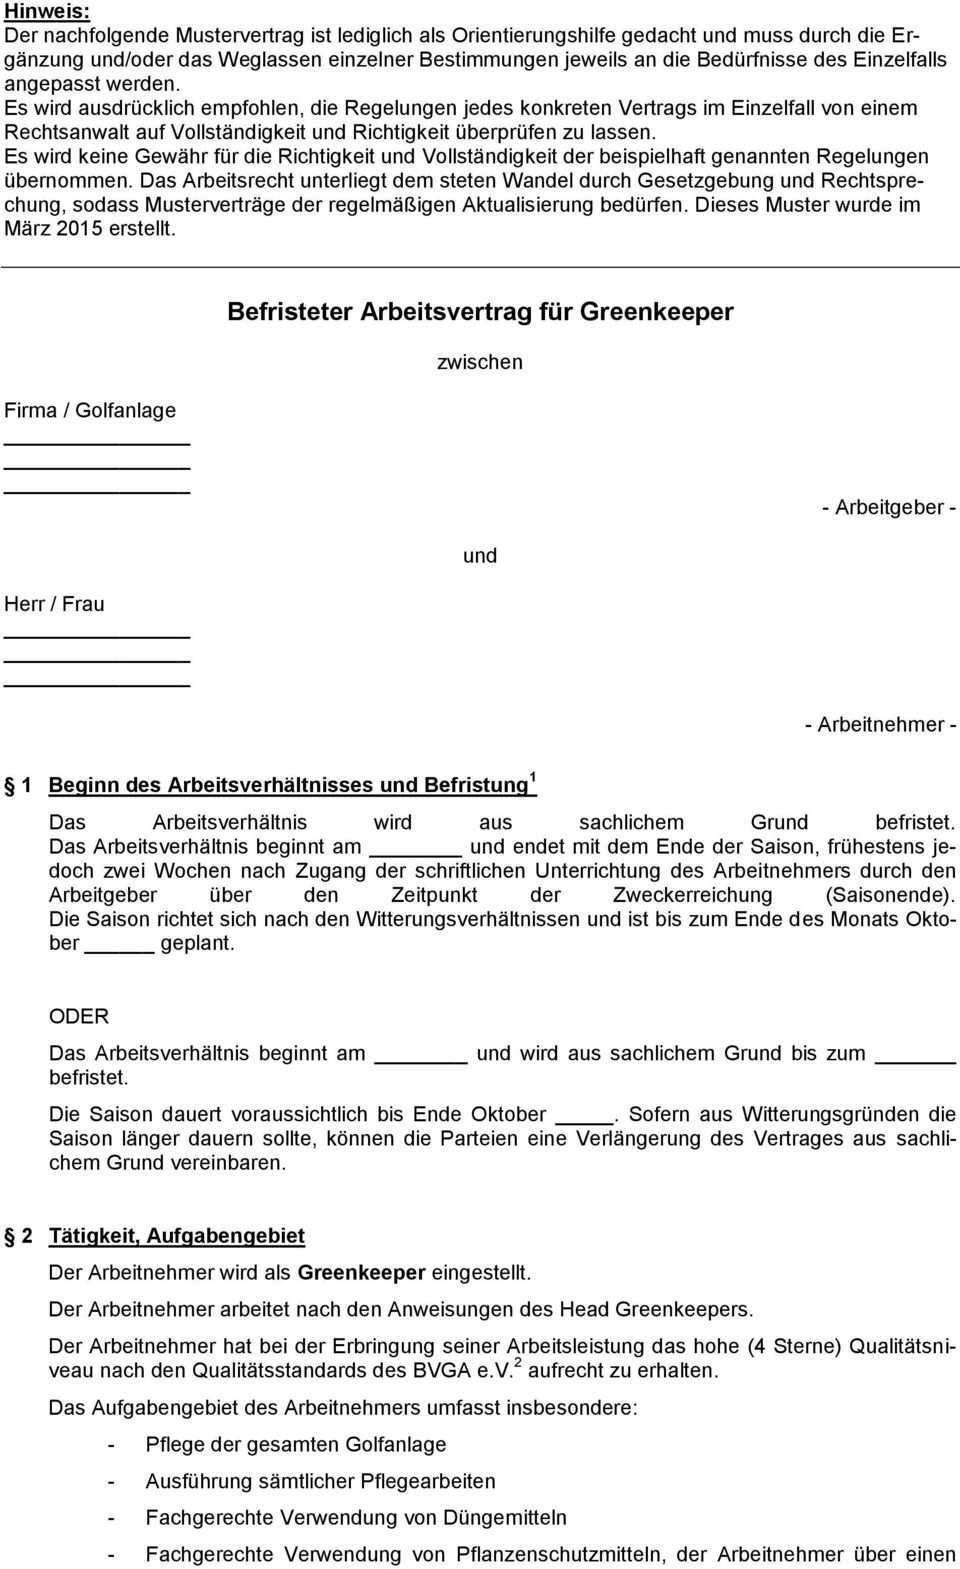 Befristeter Arbeitsvertrag Fur Greenkeeper Pdf Kostenfreier Download